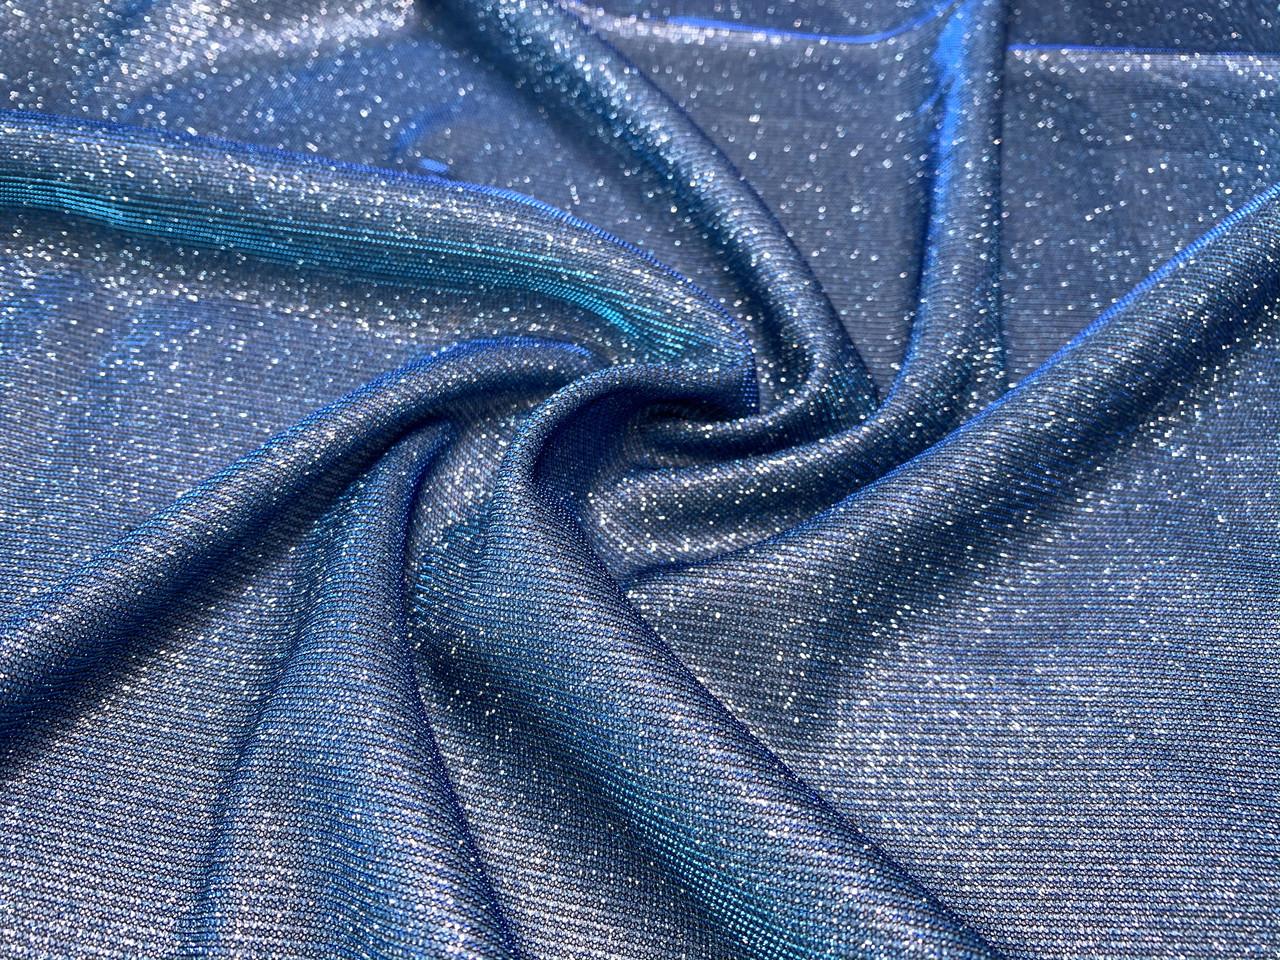 Трикотаж диско хамелеон, голубой с синим